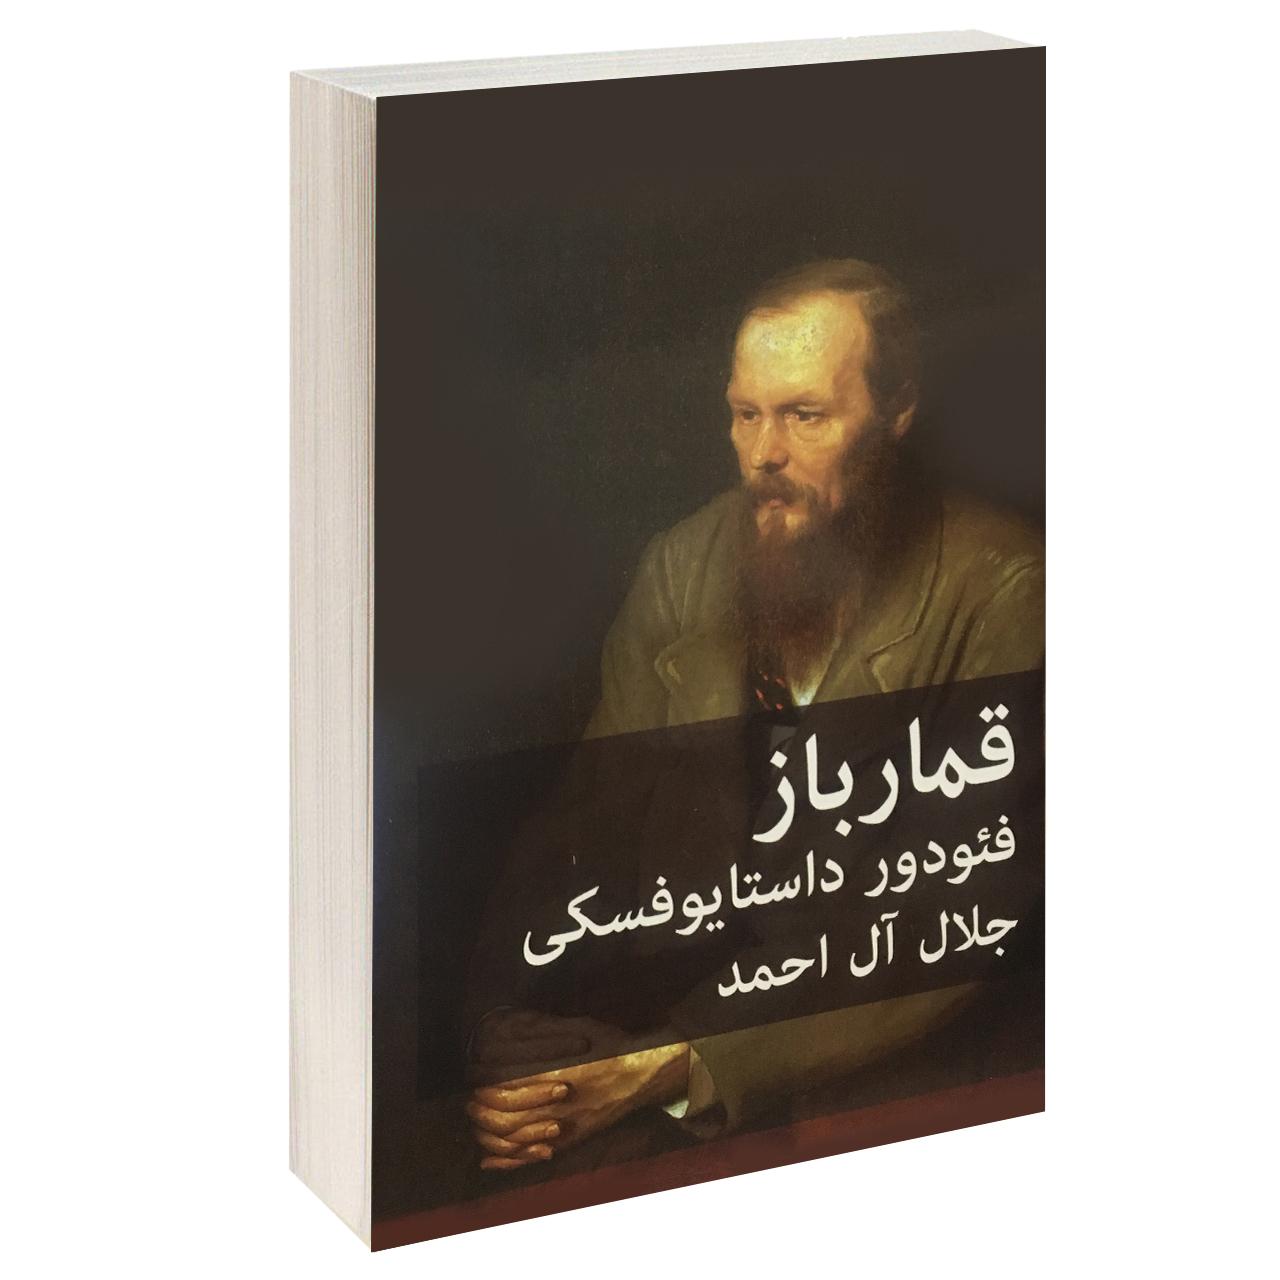 کتاب قمار باز اثر فئودور داستایوفسکی انتشارات پرثوا              پرفروش